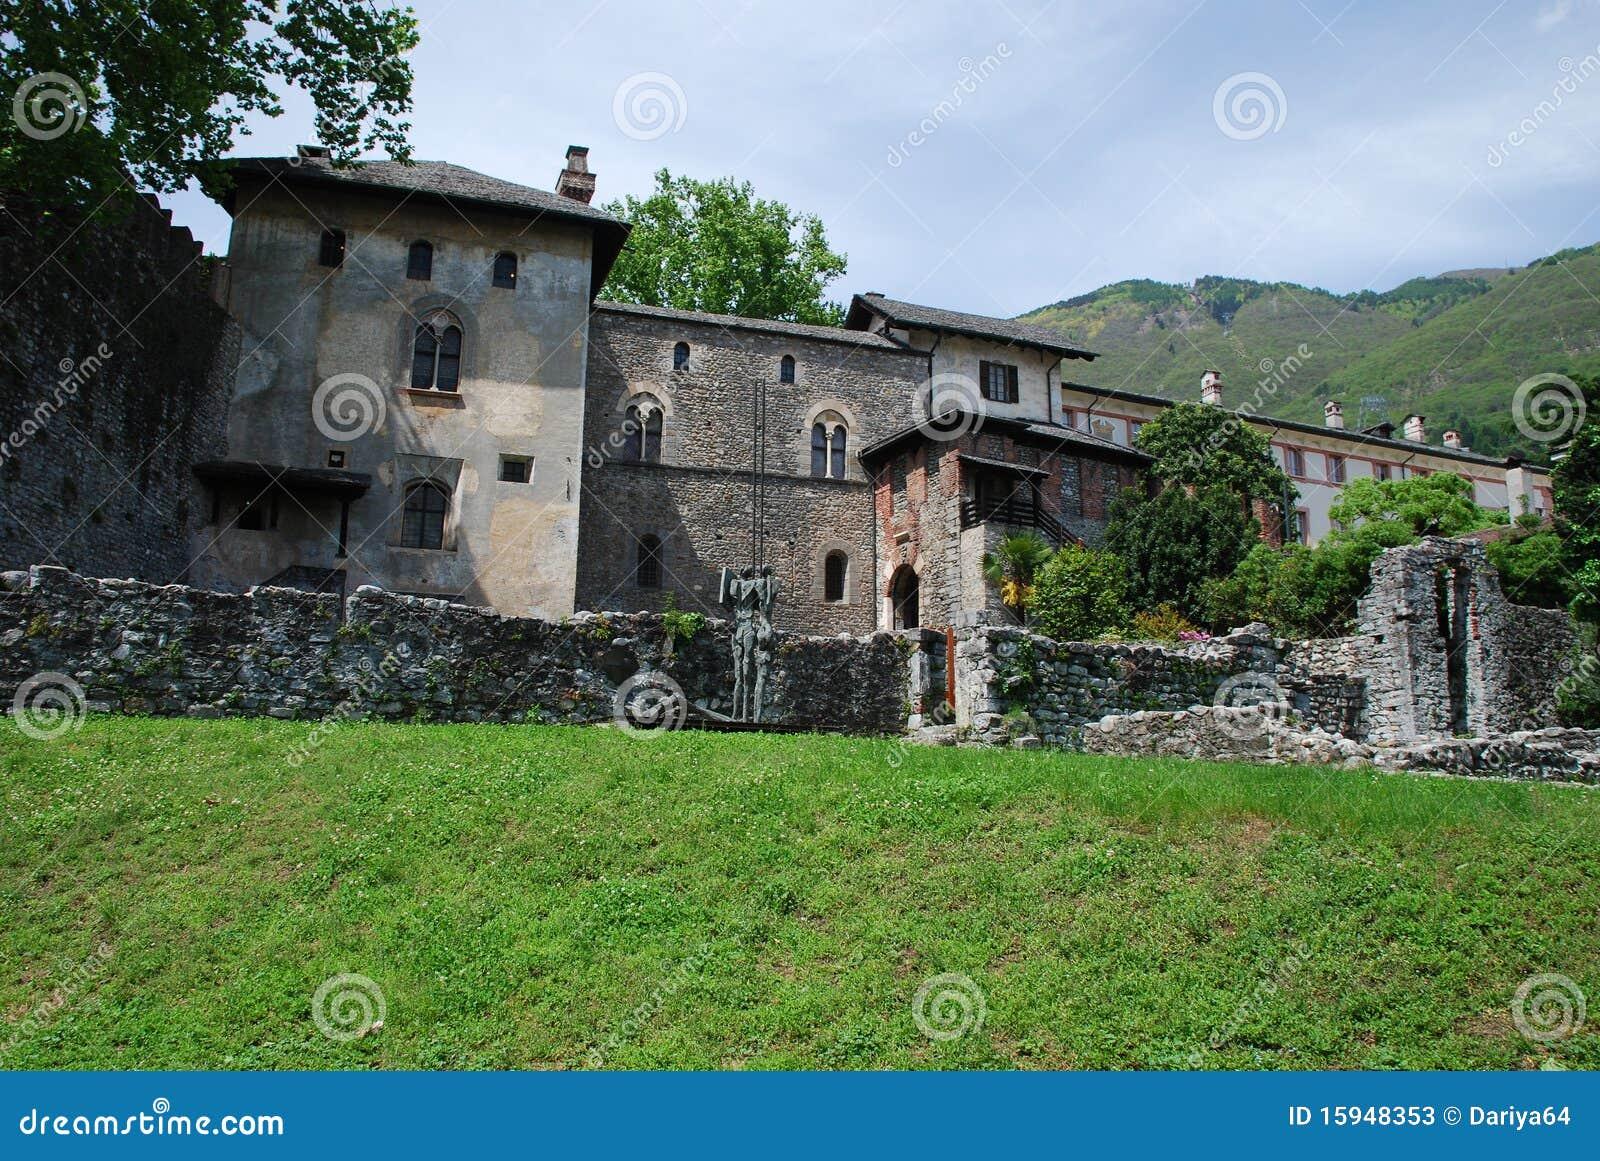 Castello Visconteo in Locarno, Ruines Teil